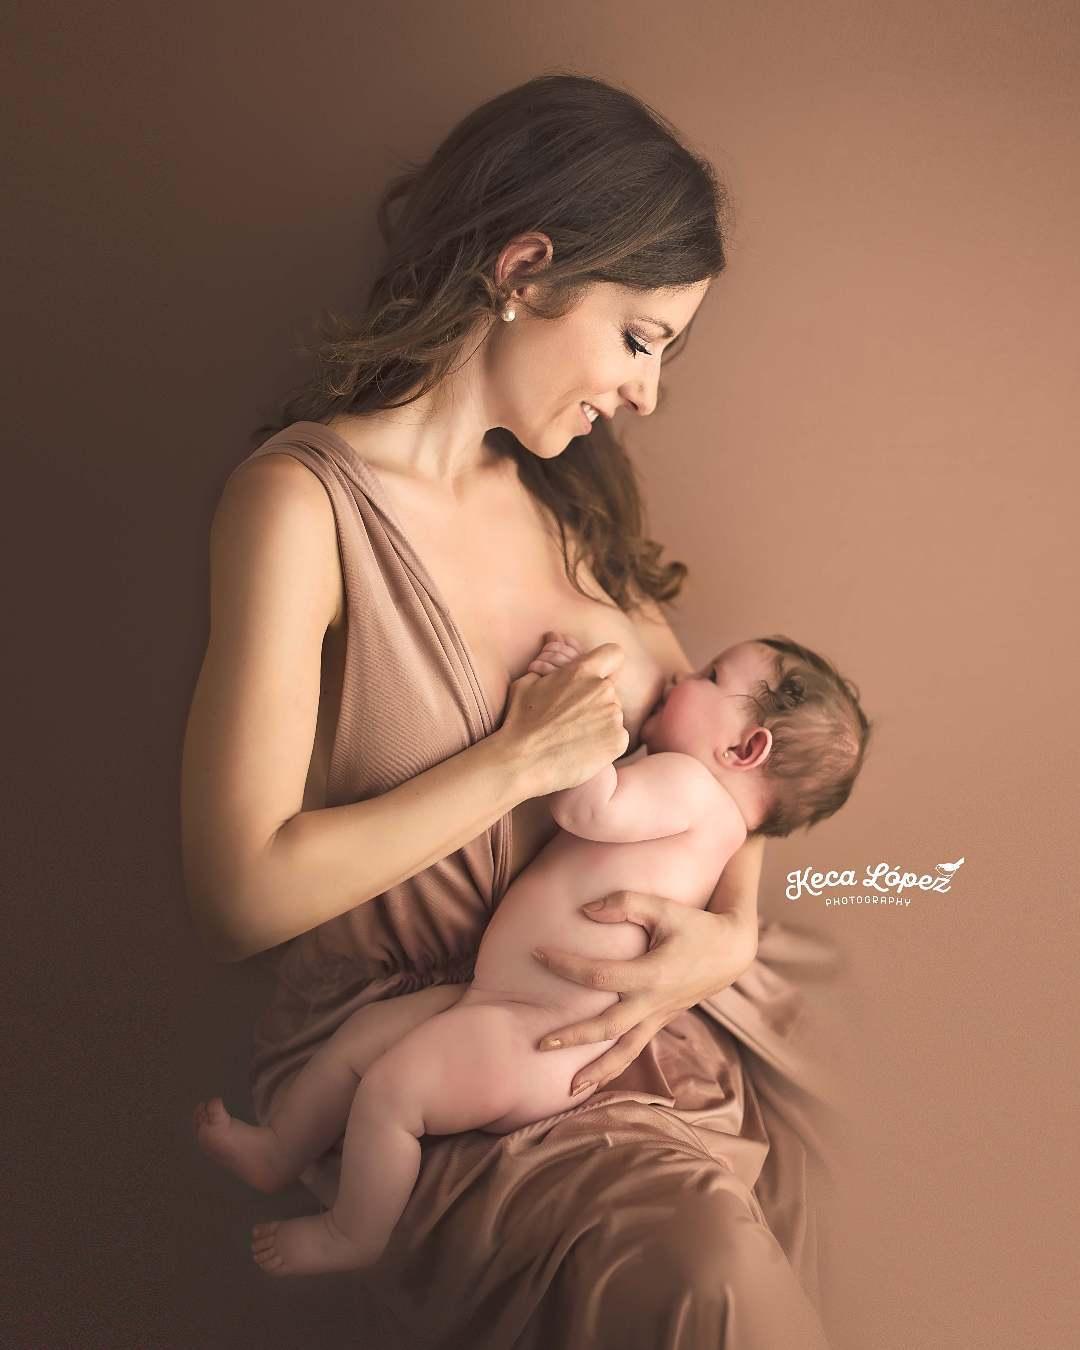 Madre da el pecho a su bebé. Sus miradas se cruzan y sonríen